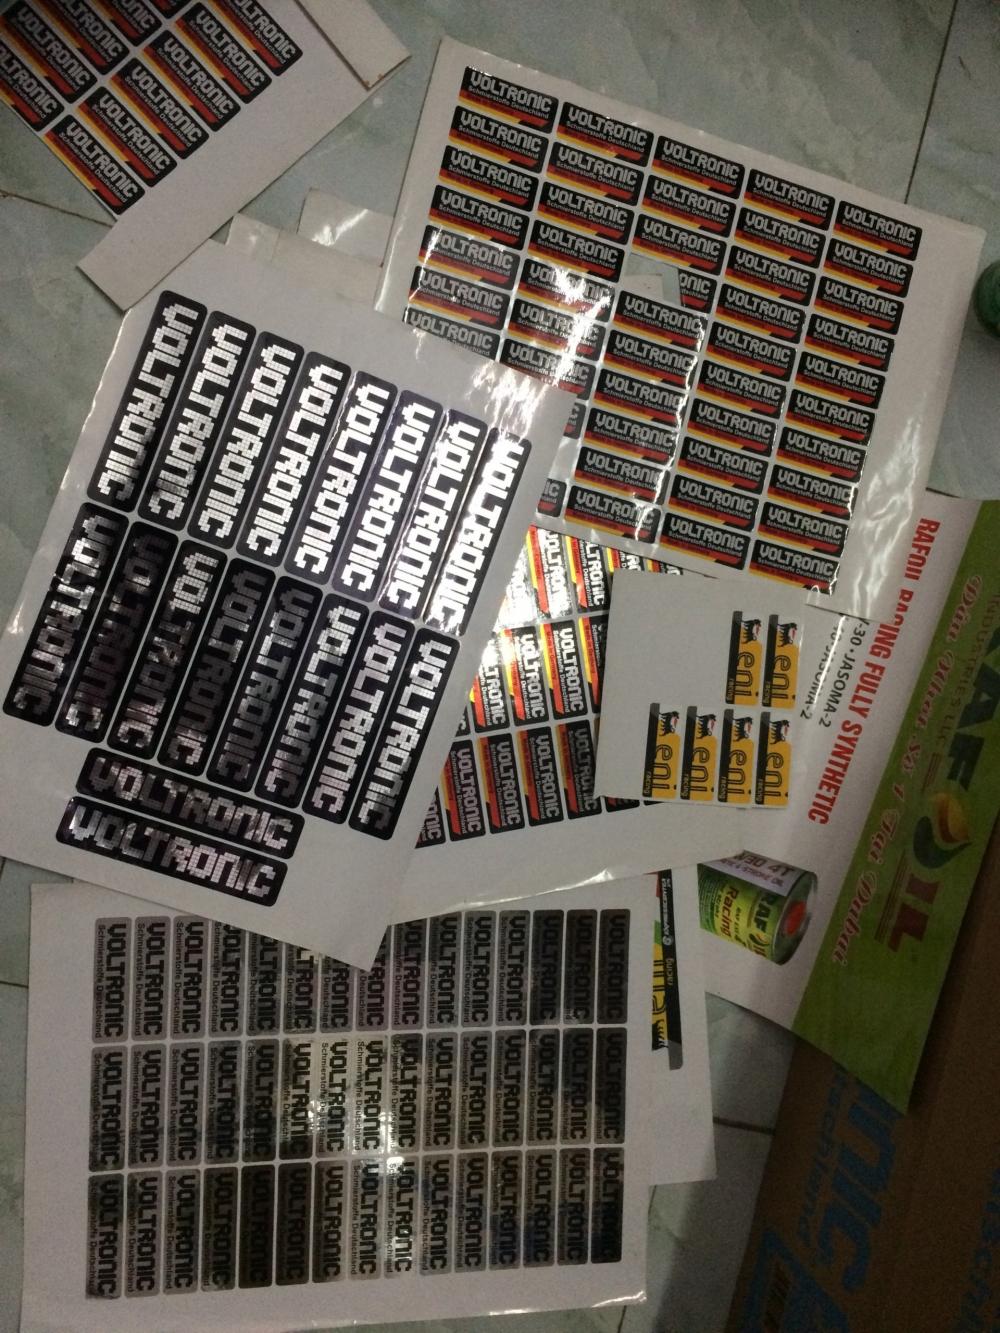 SHOPEE Voltronic XM GranTurismo Combo Chiet le 1lit11lit21lit31lit4 Germany - 6